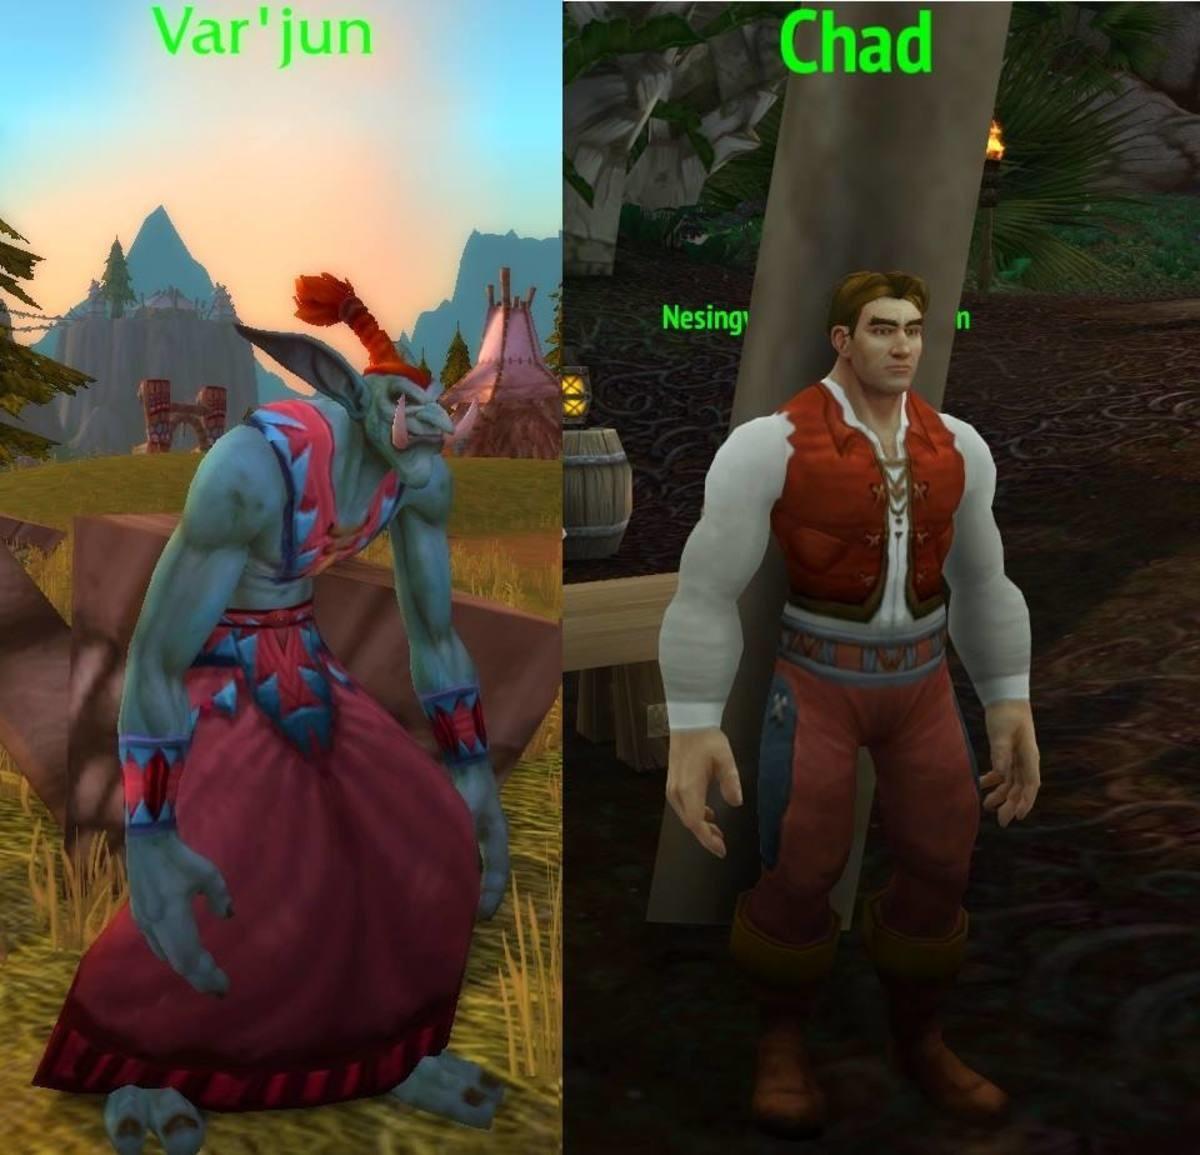 Vaysuso Ryititr Avoc. .. The Horde Var'jun vs the Chad Alliance